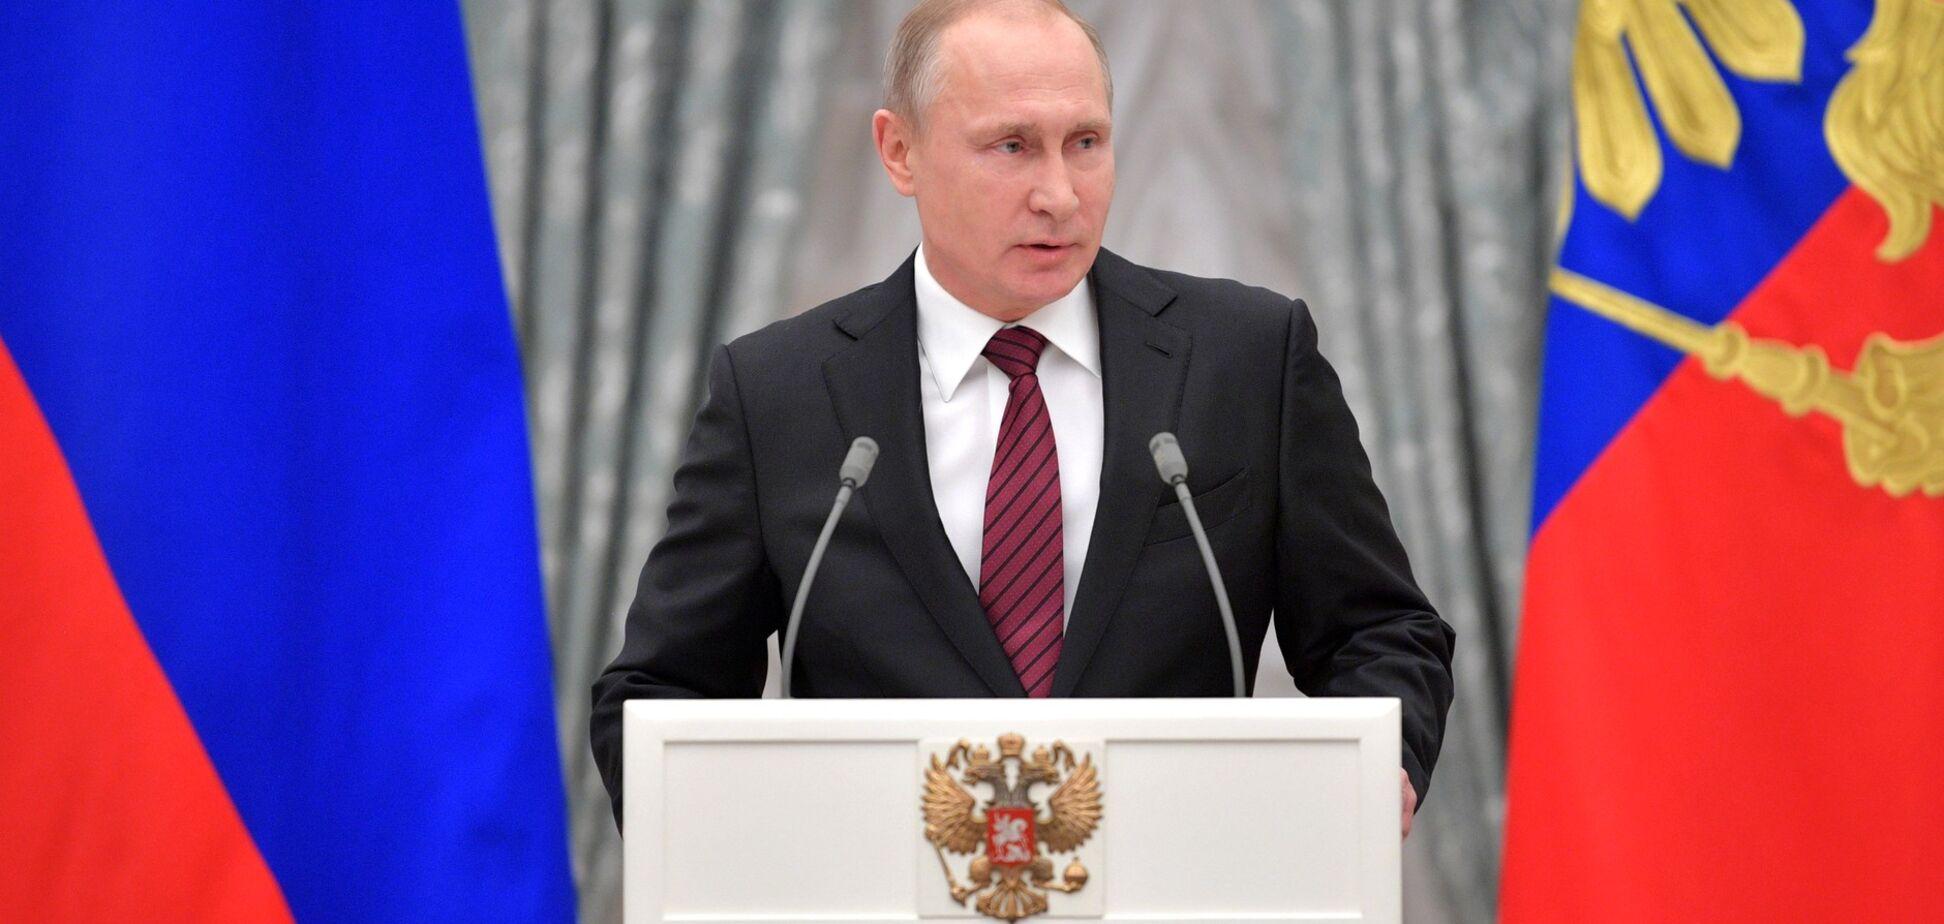 Абсолютно несподівано: Росія отримала удар нижче пояса від друга